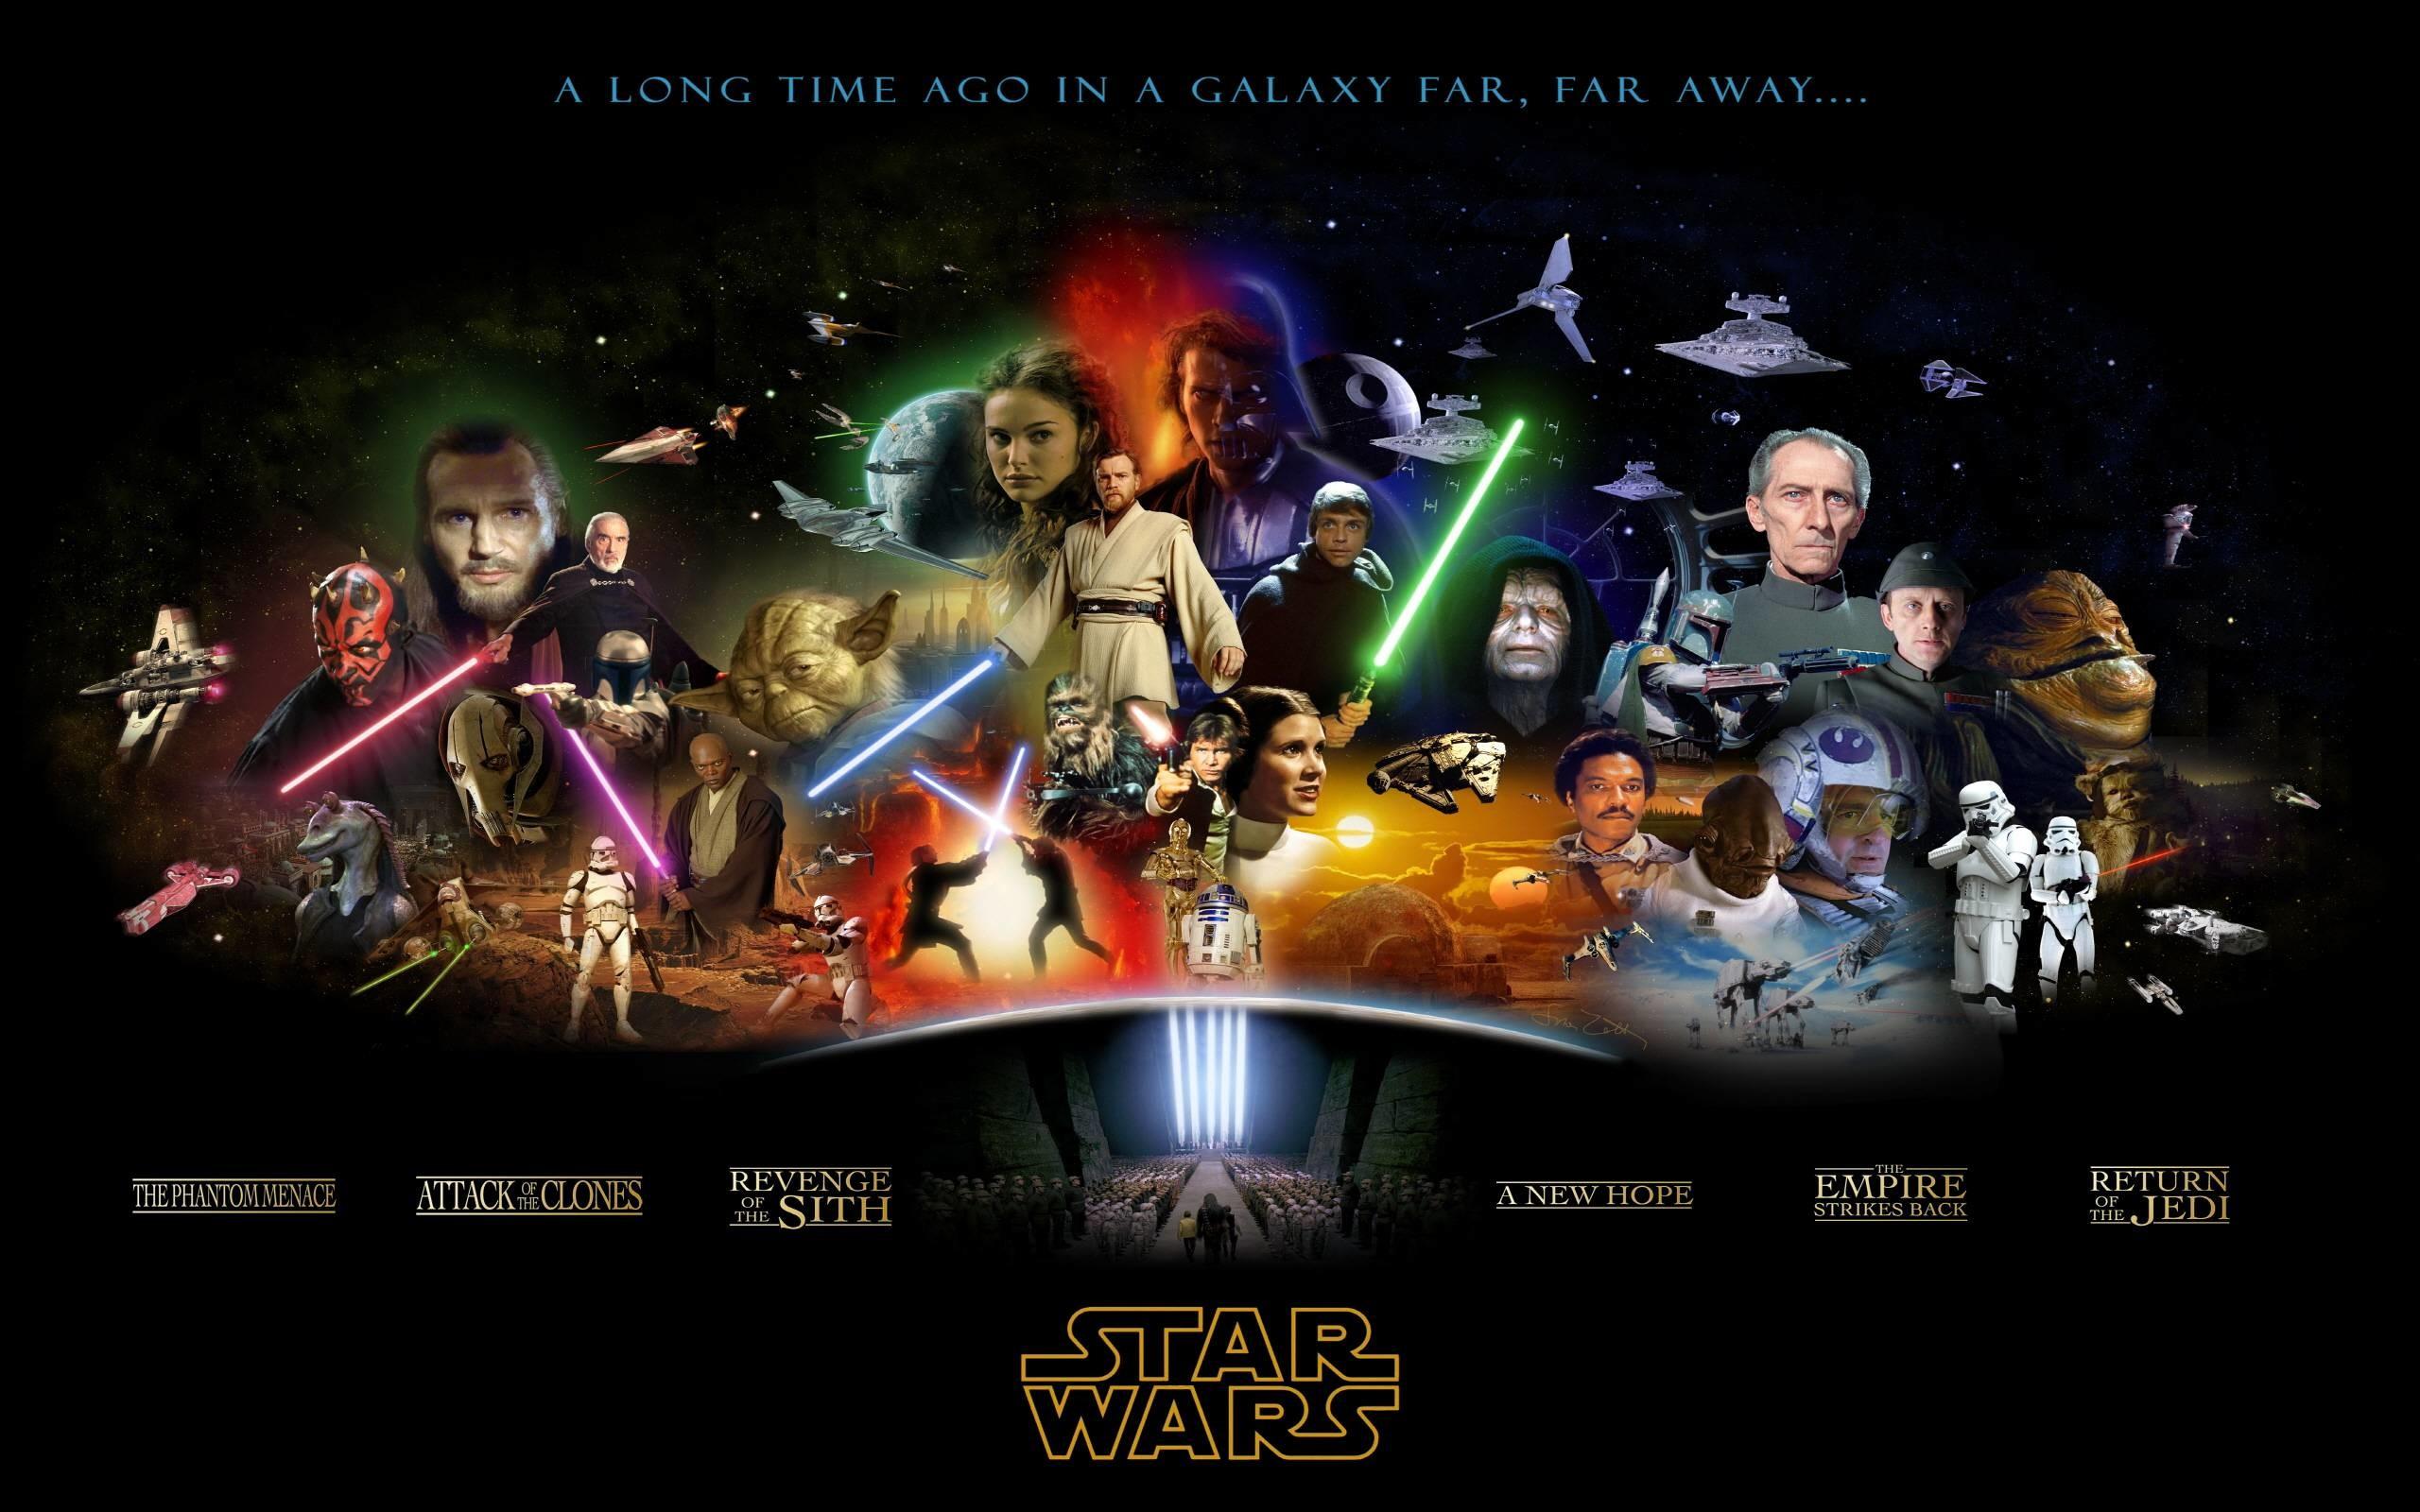 star wars jedi wallpaper hd (66+ images)